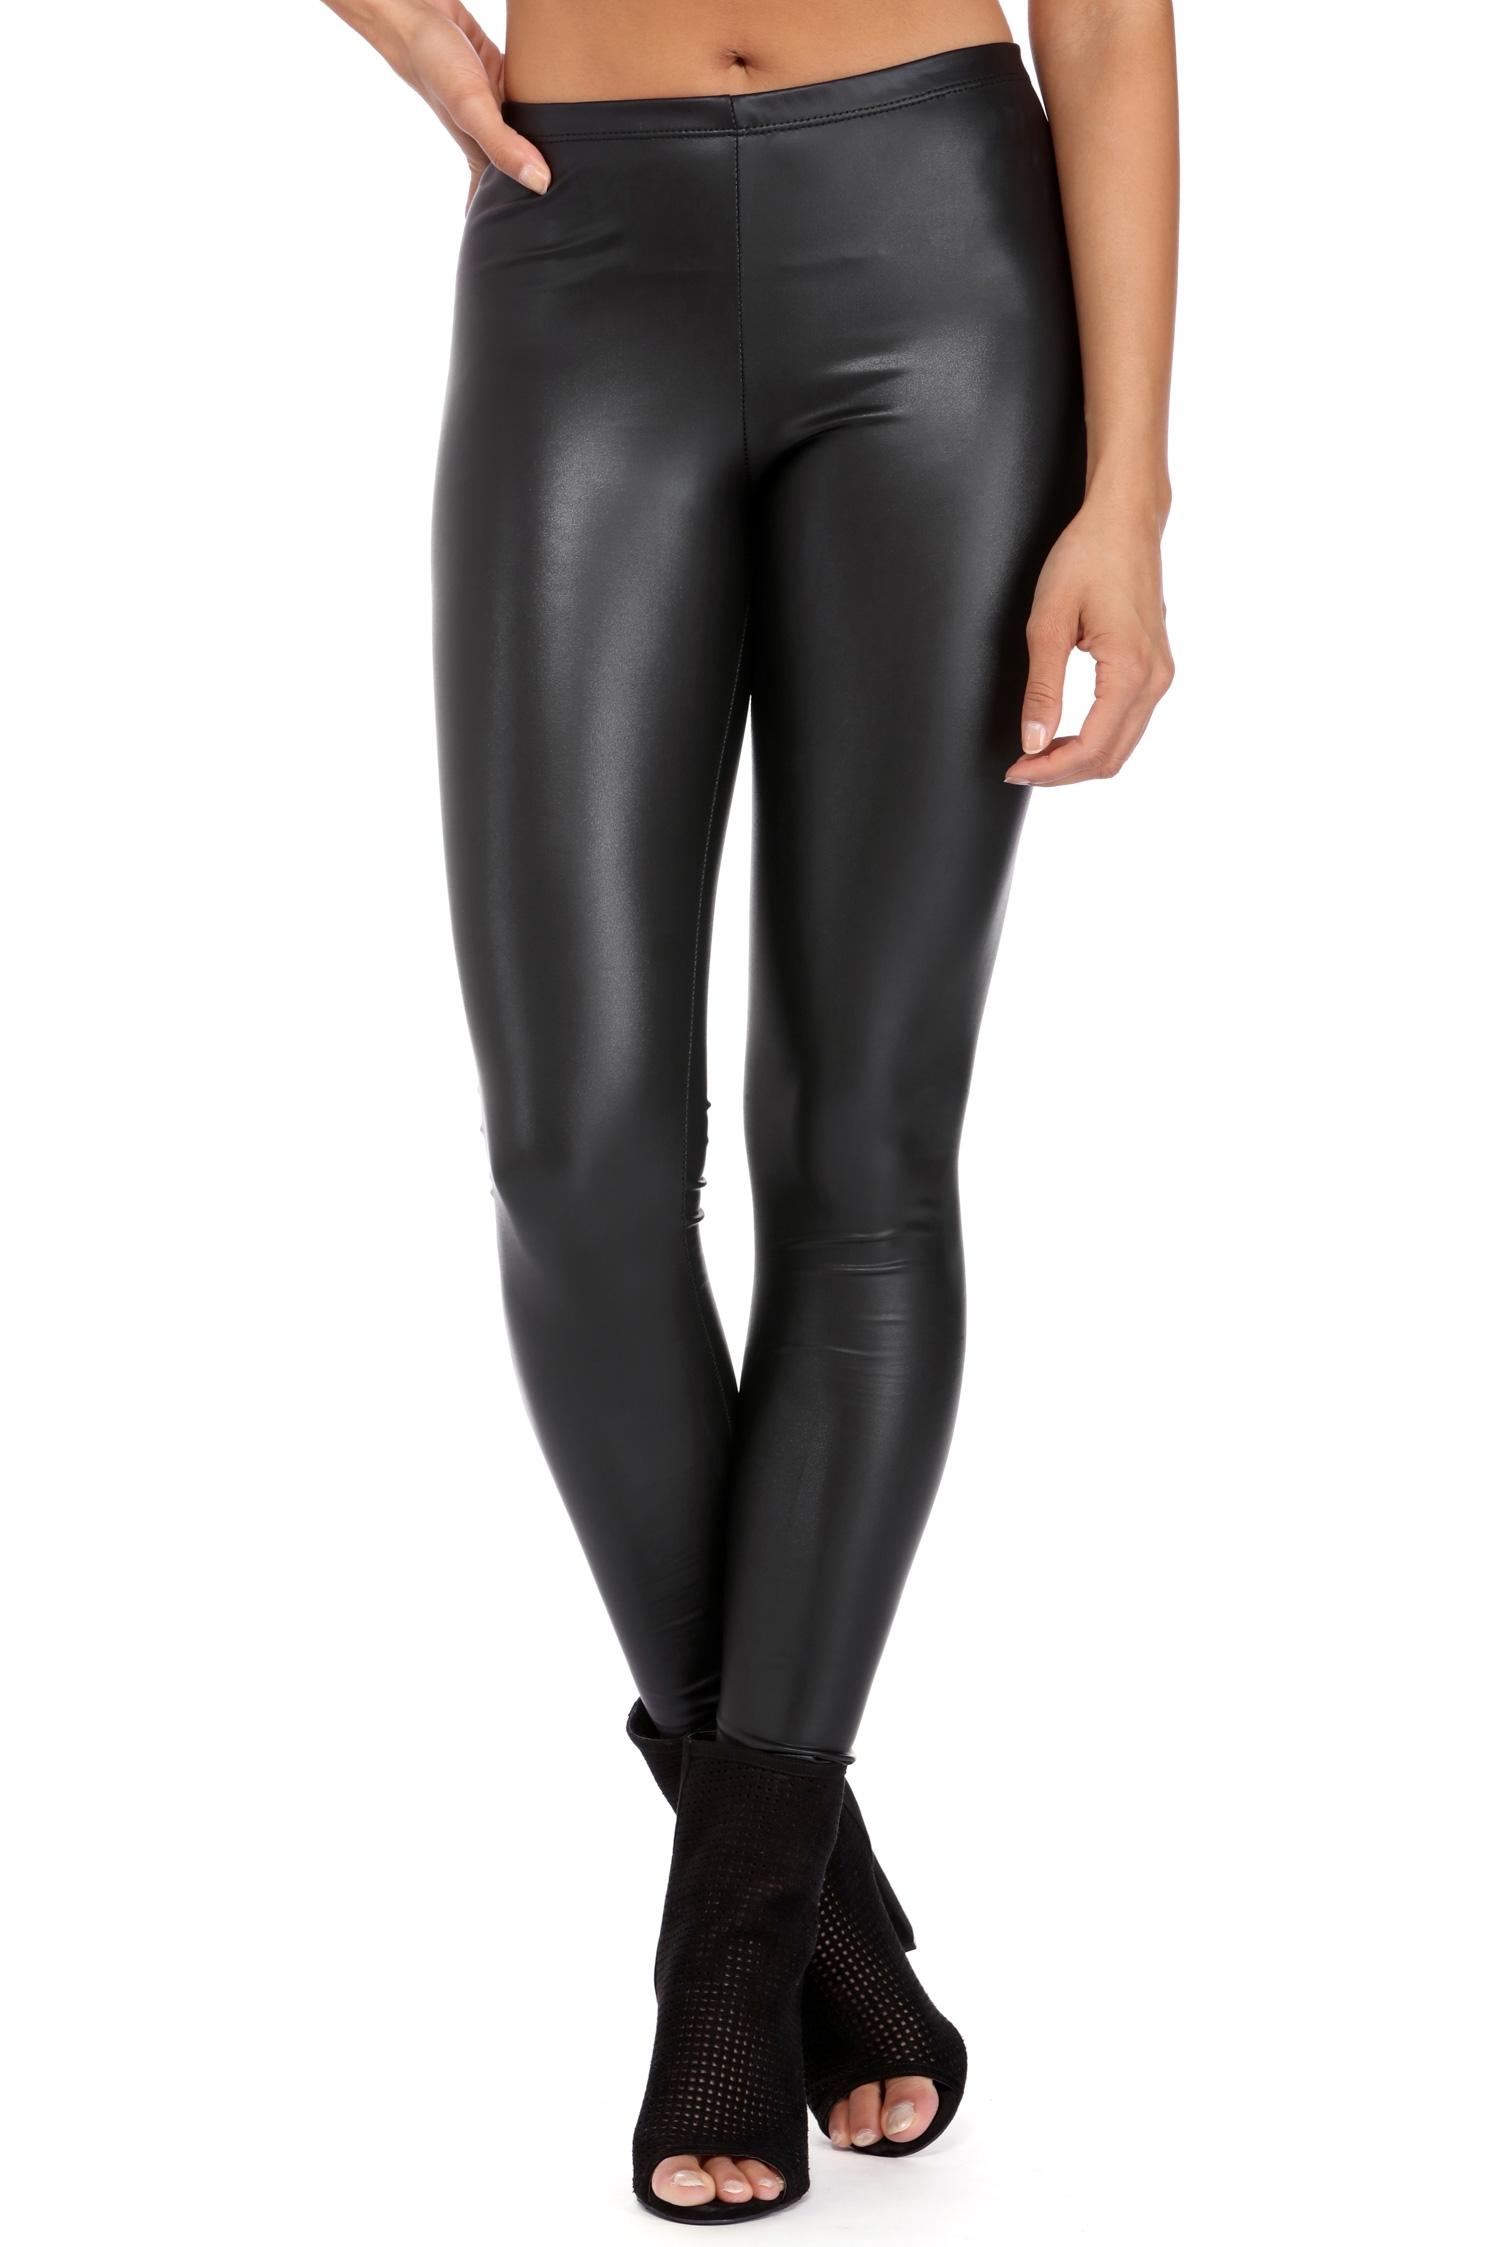 black matte liquid leggings VOXTQLW